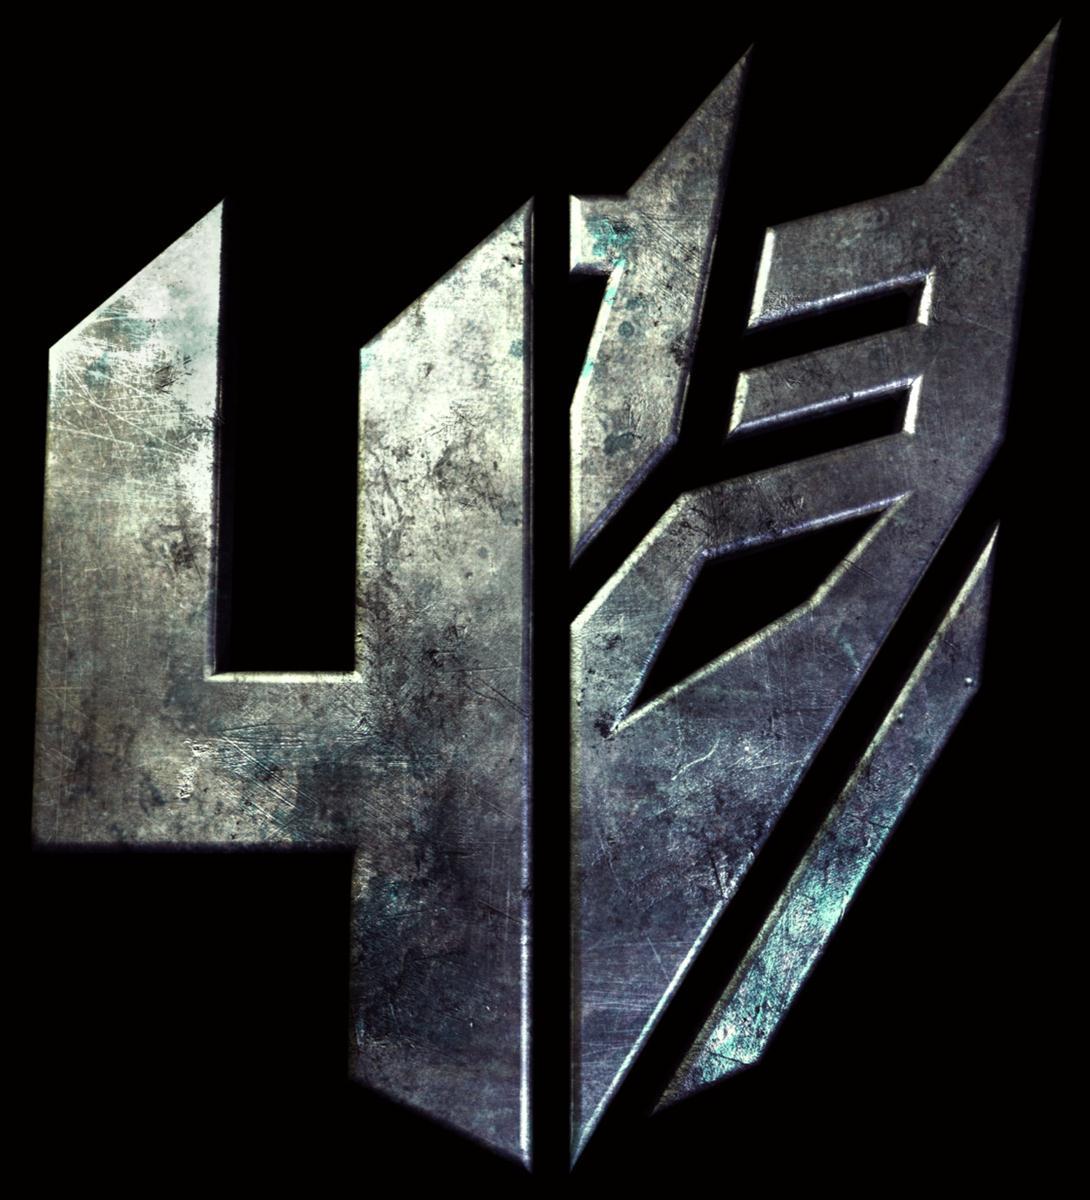 Transformers 4 (2013) [La era de la Extinción]